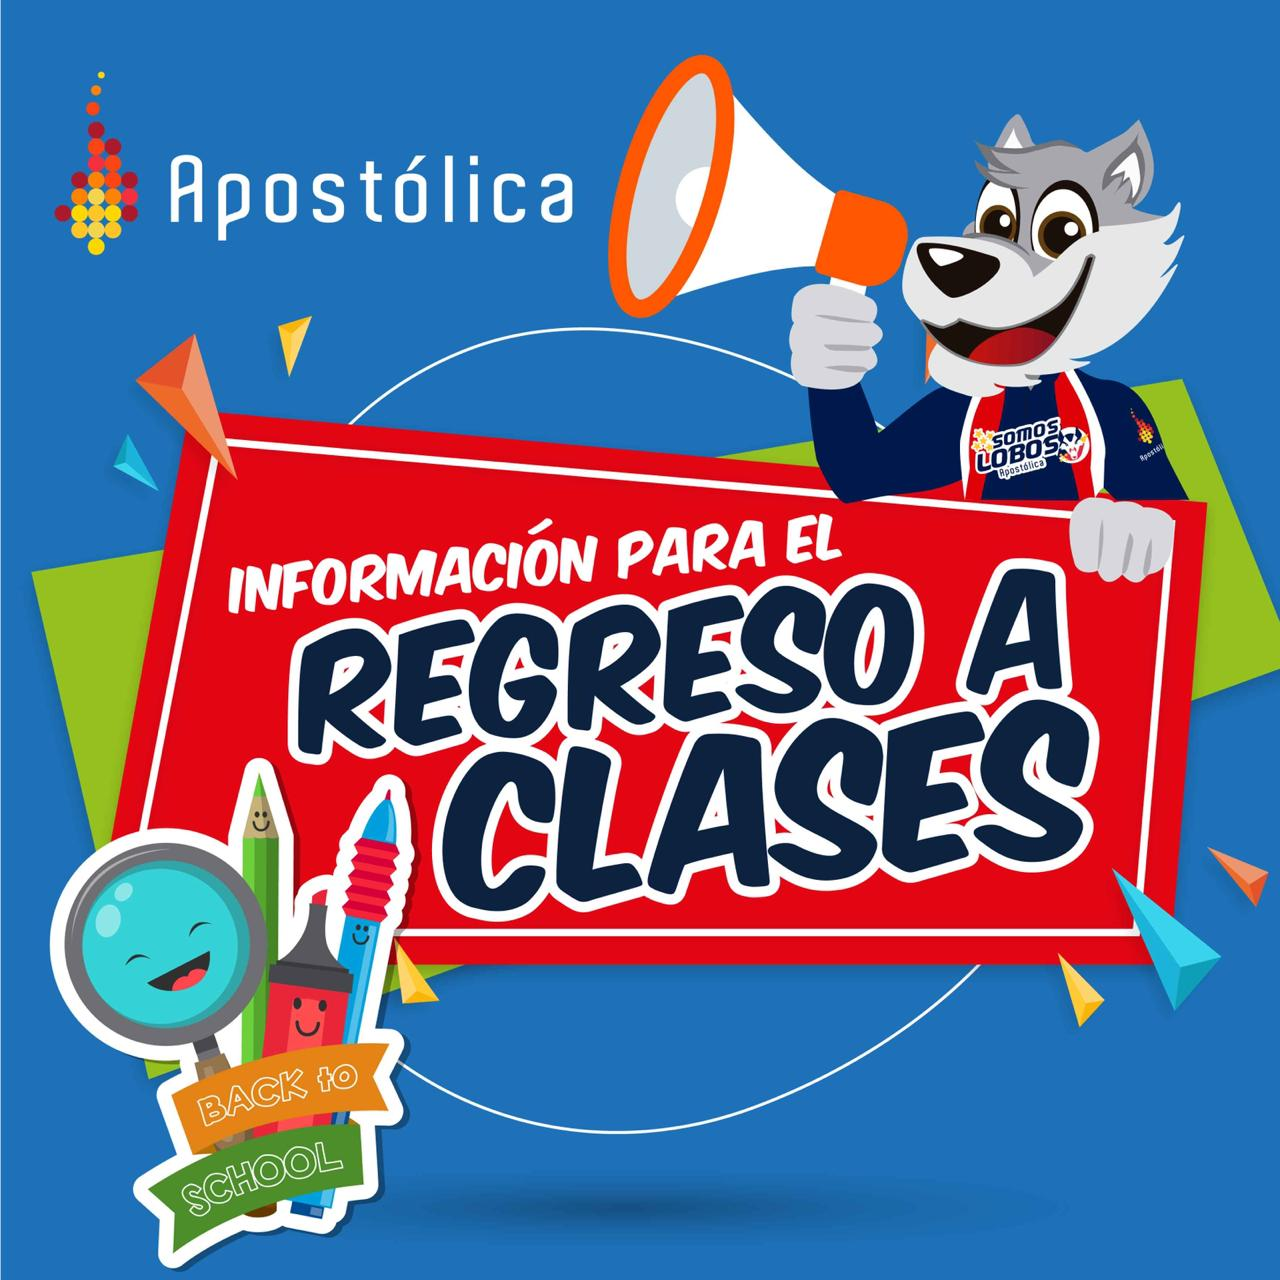 Información para el regreso a clases